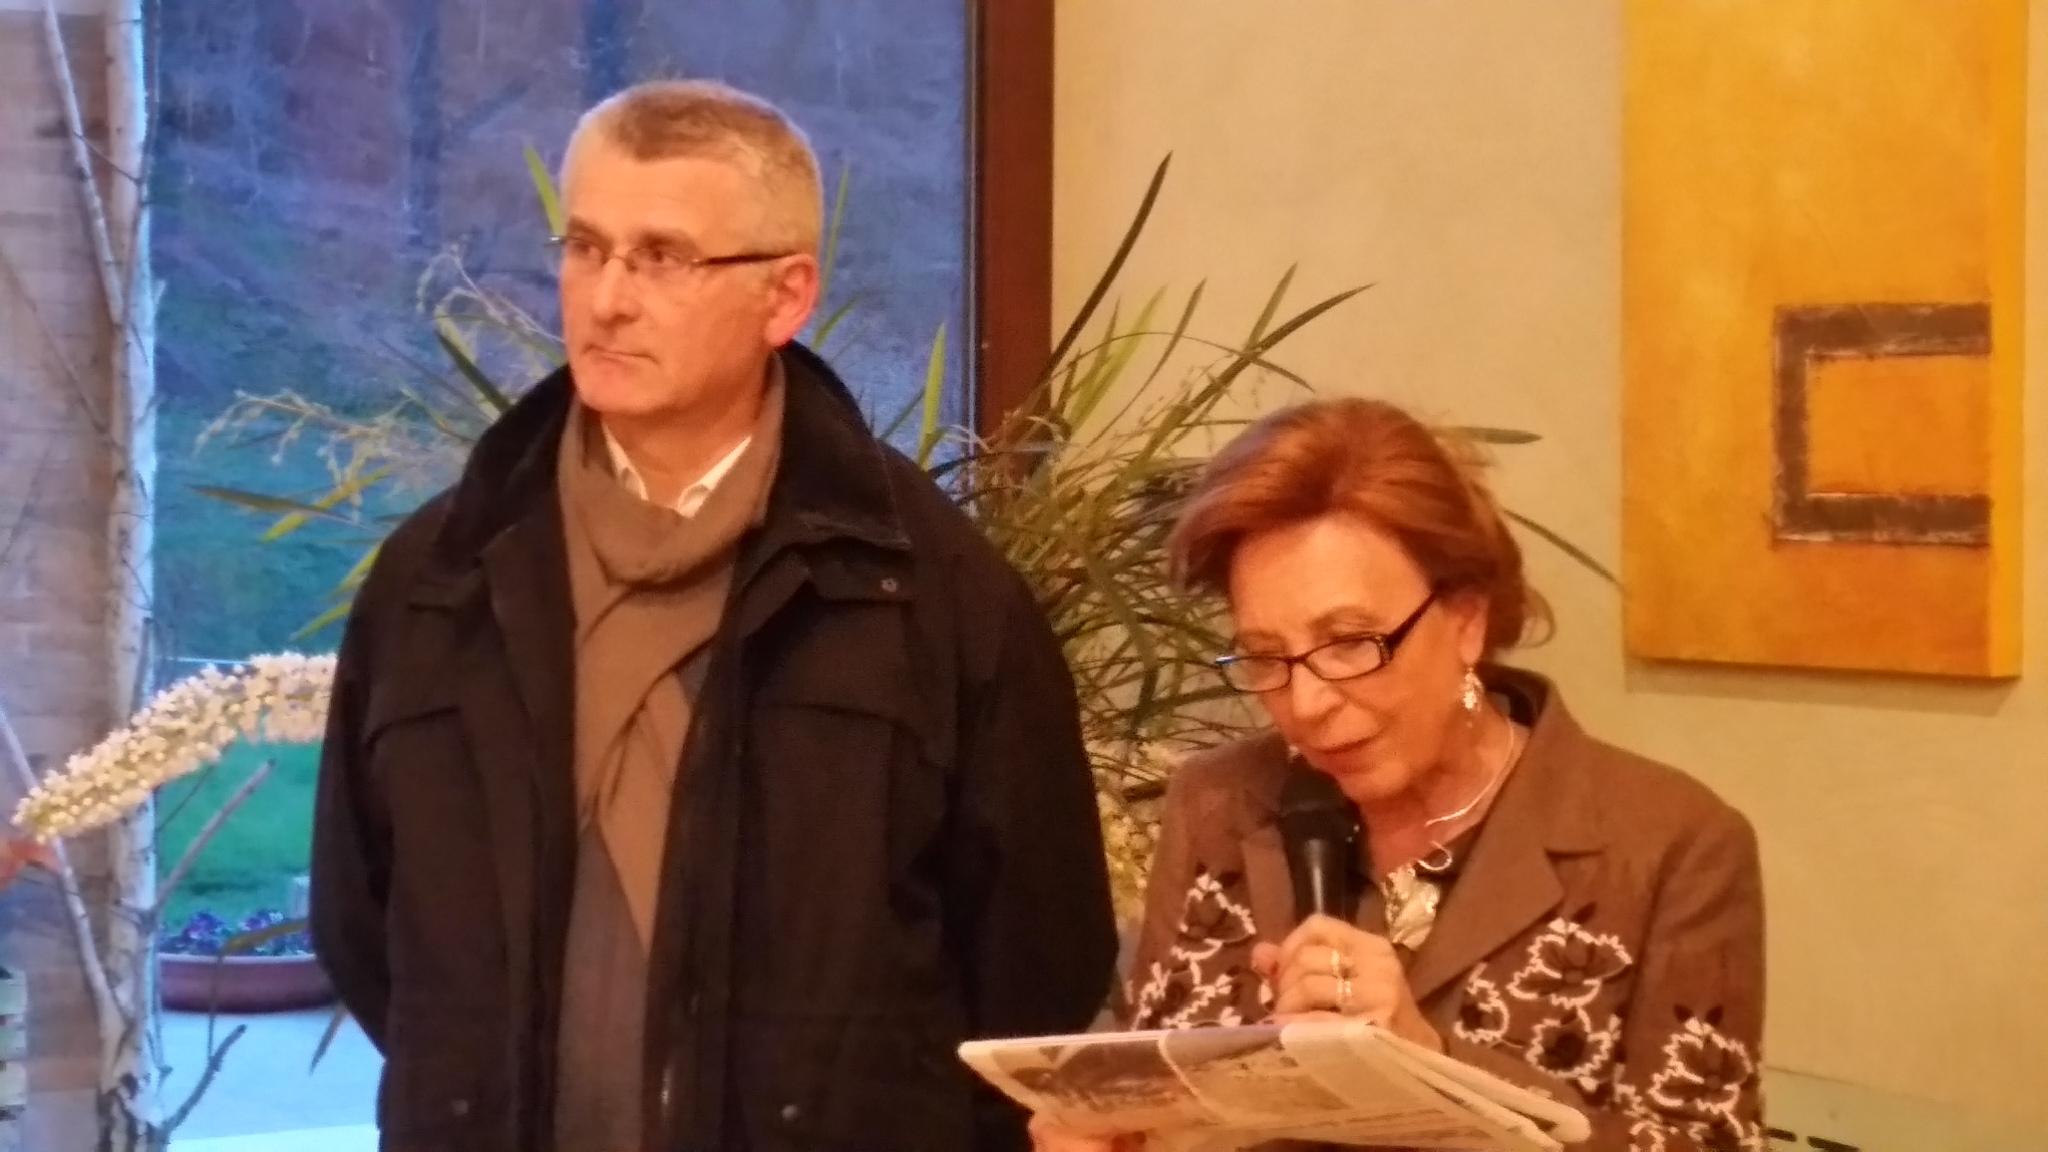 PADOVA ELENA CORNARO PISCOPIA: Un pomeriggio di Carnevale con gli anziani